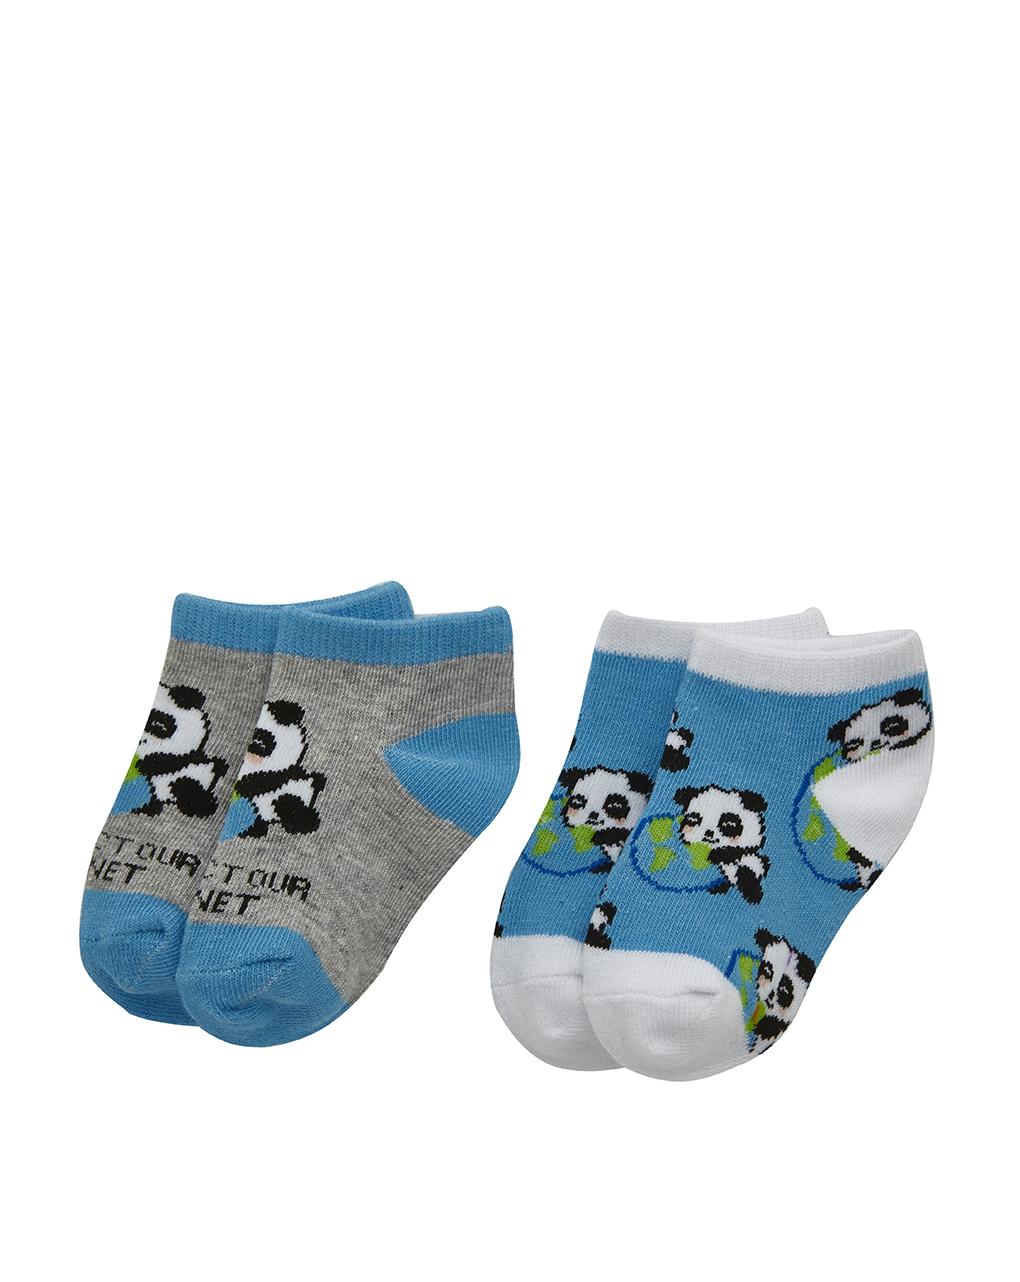 Καλτσάκια Κοντά με Σχέδιο Panda Πακέτο x2 για Αγόρι